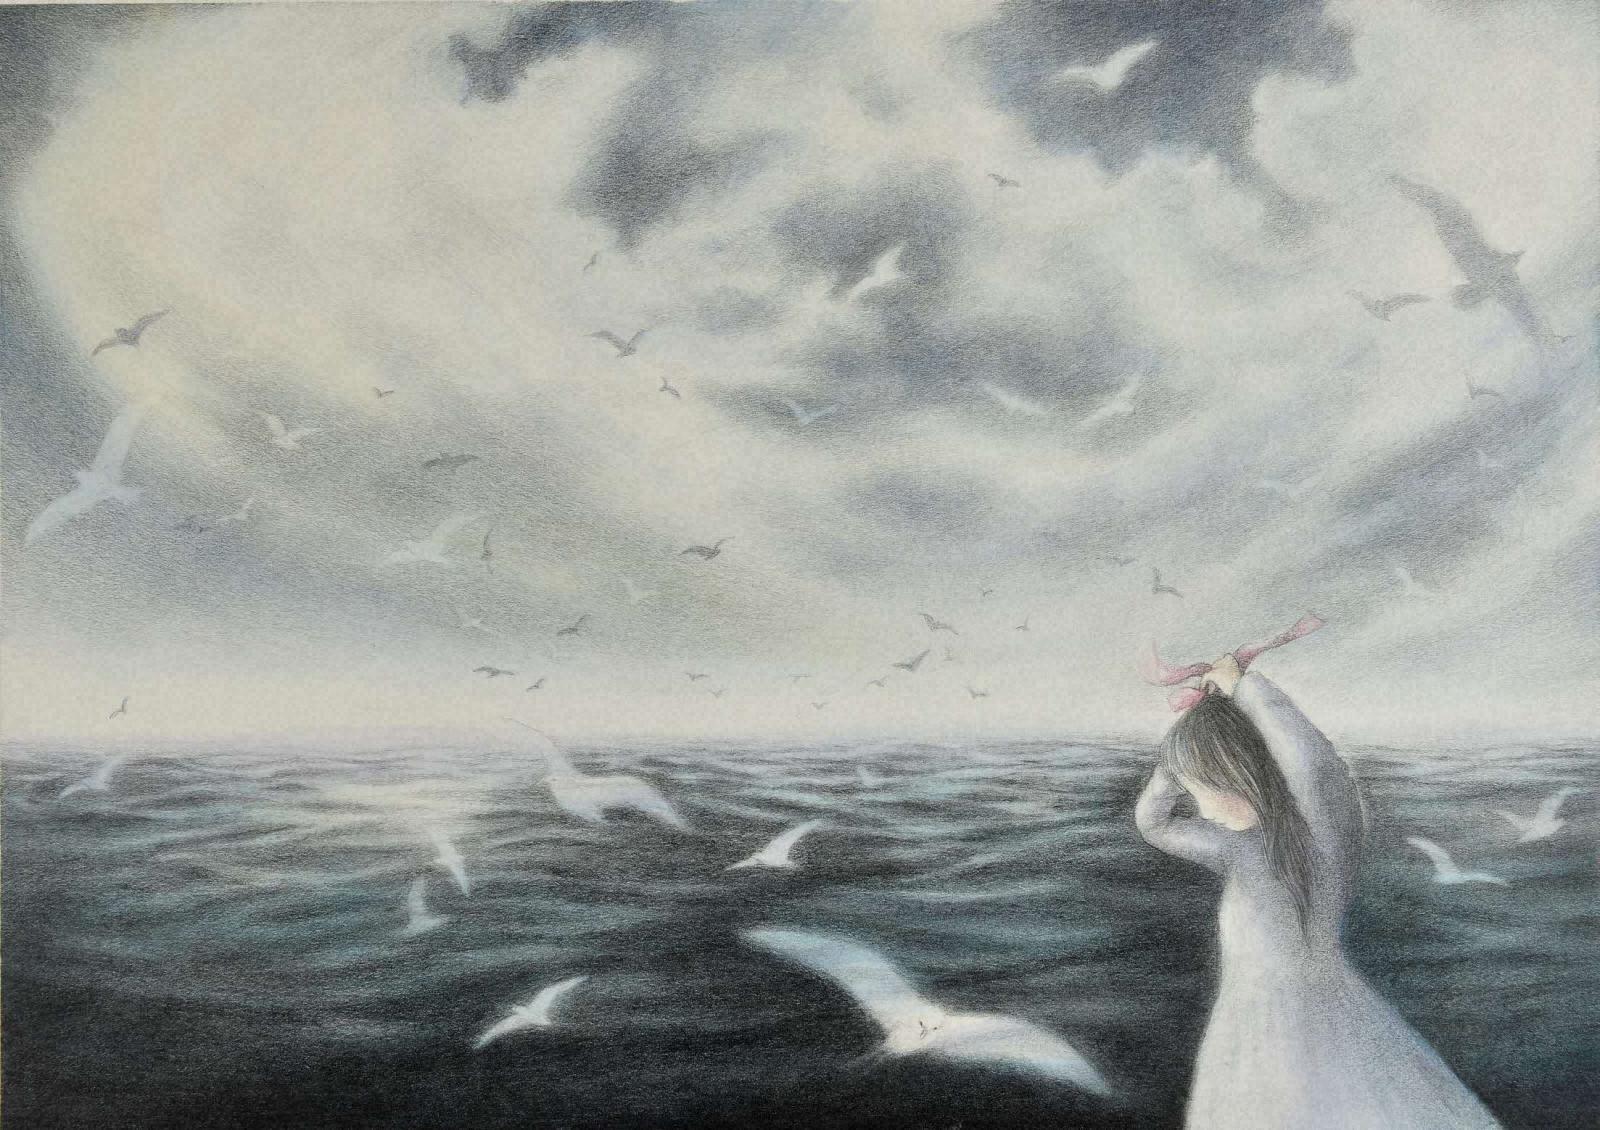 茨木のり子『明石の海』挿画